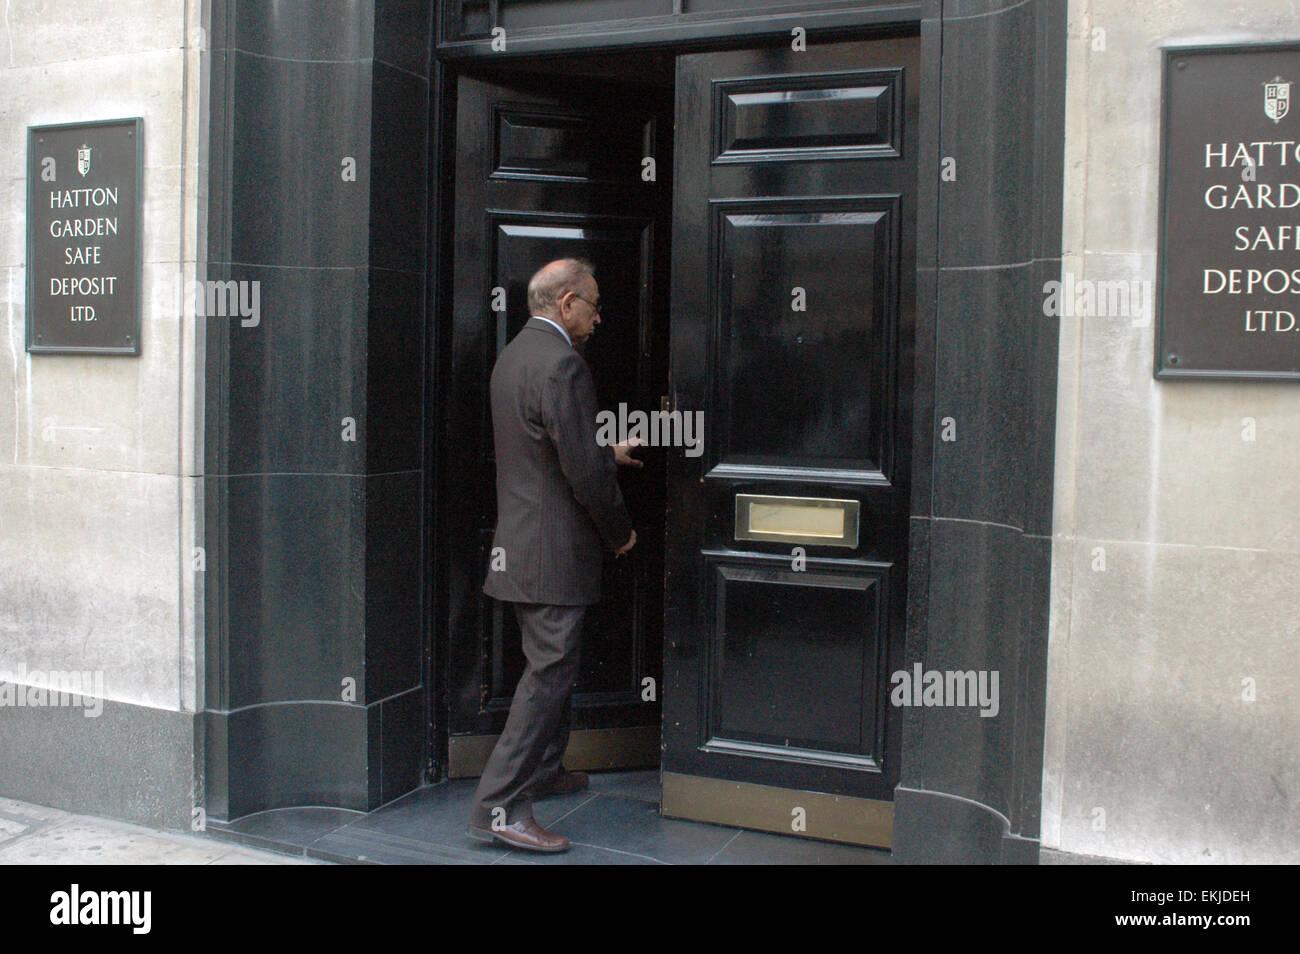 London,UK,8 April 2015,Front door Hatton Garden Safe Deposit Ltd as police undertake investigation after Easter - Stock Image